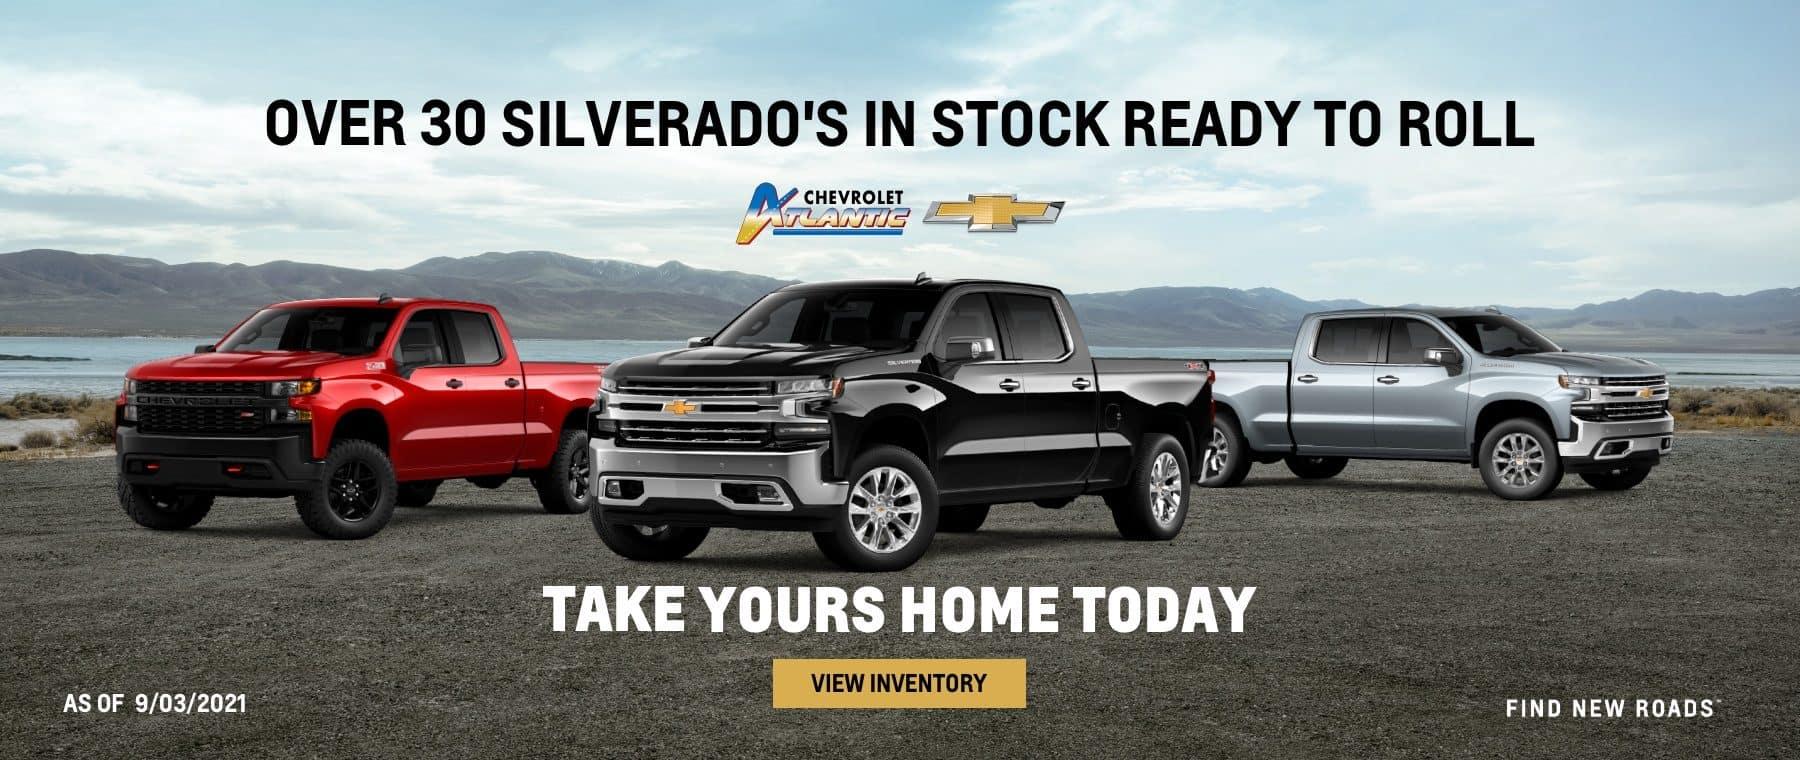 SLIDES_ATL_1800x760_Silverado_Trucks_Sept21